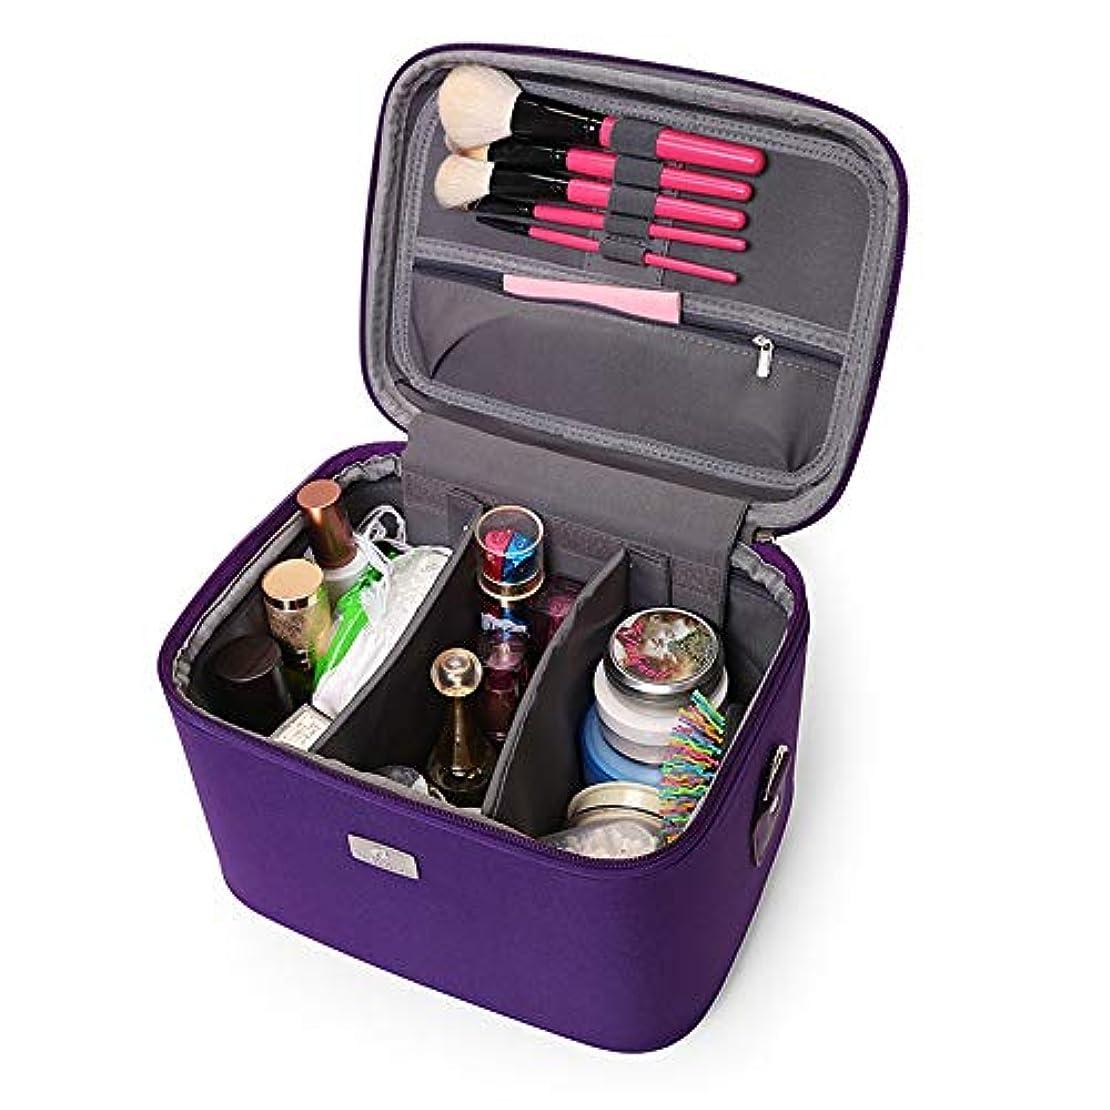 オペラスリッパ勤勉化粧オーガナイザーバッグ 14インチのメイクアップトラベルバッグPUレター防水化粧ケースのティーン女の子の女性アーティスト 化粧品ケース (色 : 紫の)